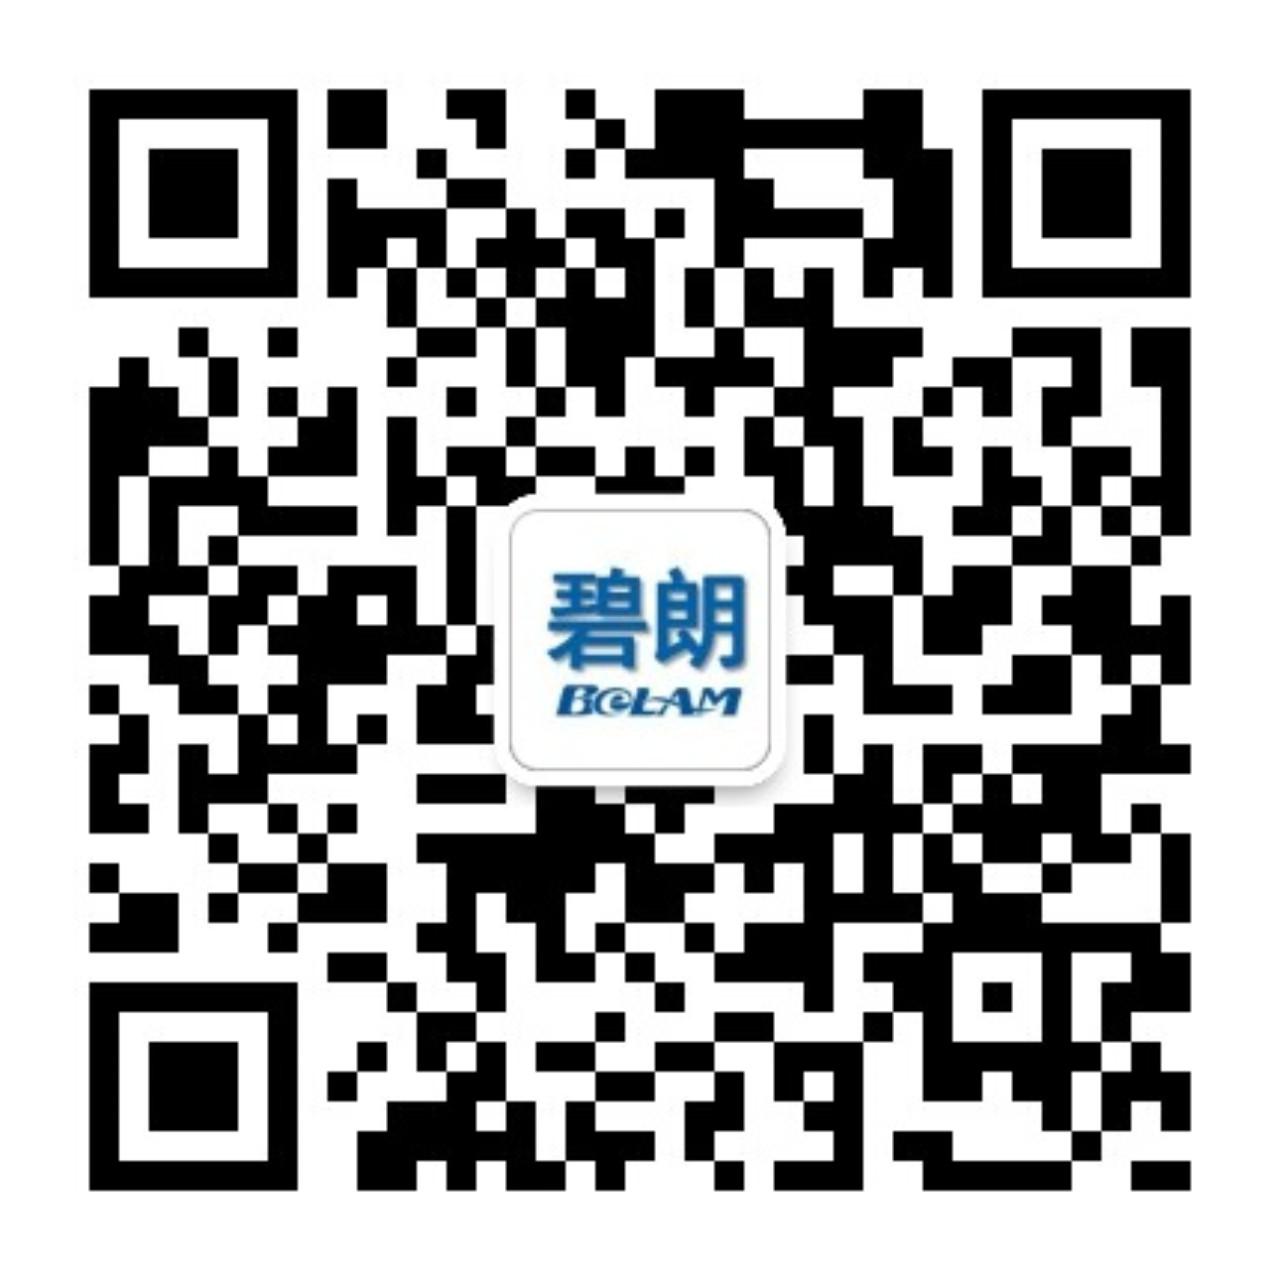 番茄社区最新下载地址微信公眾二維碼